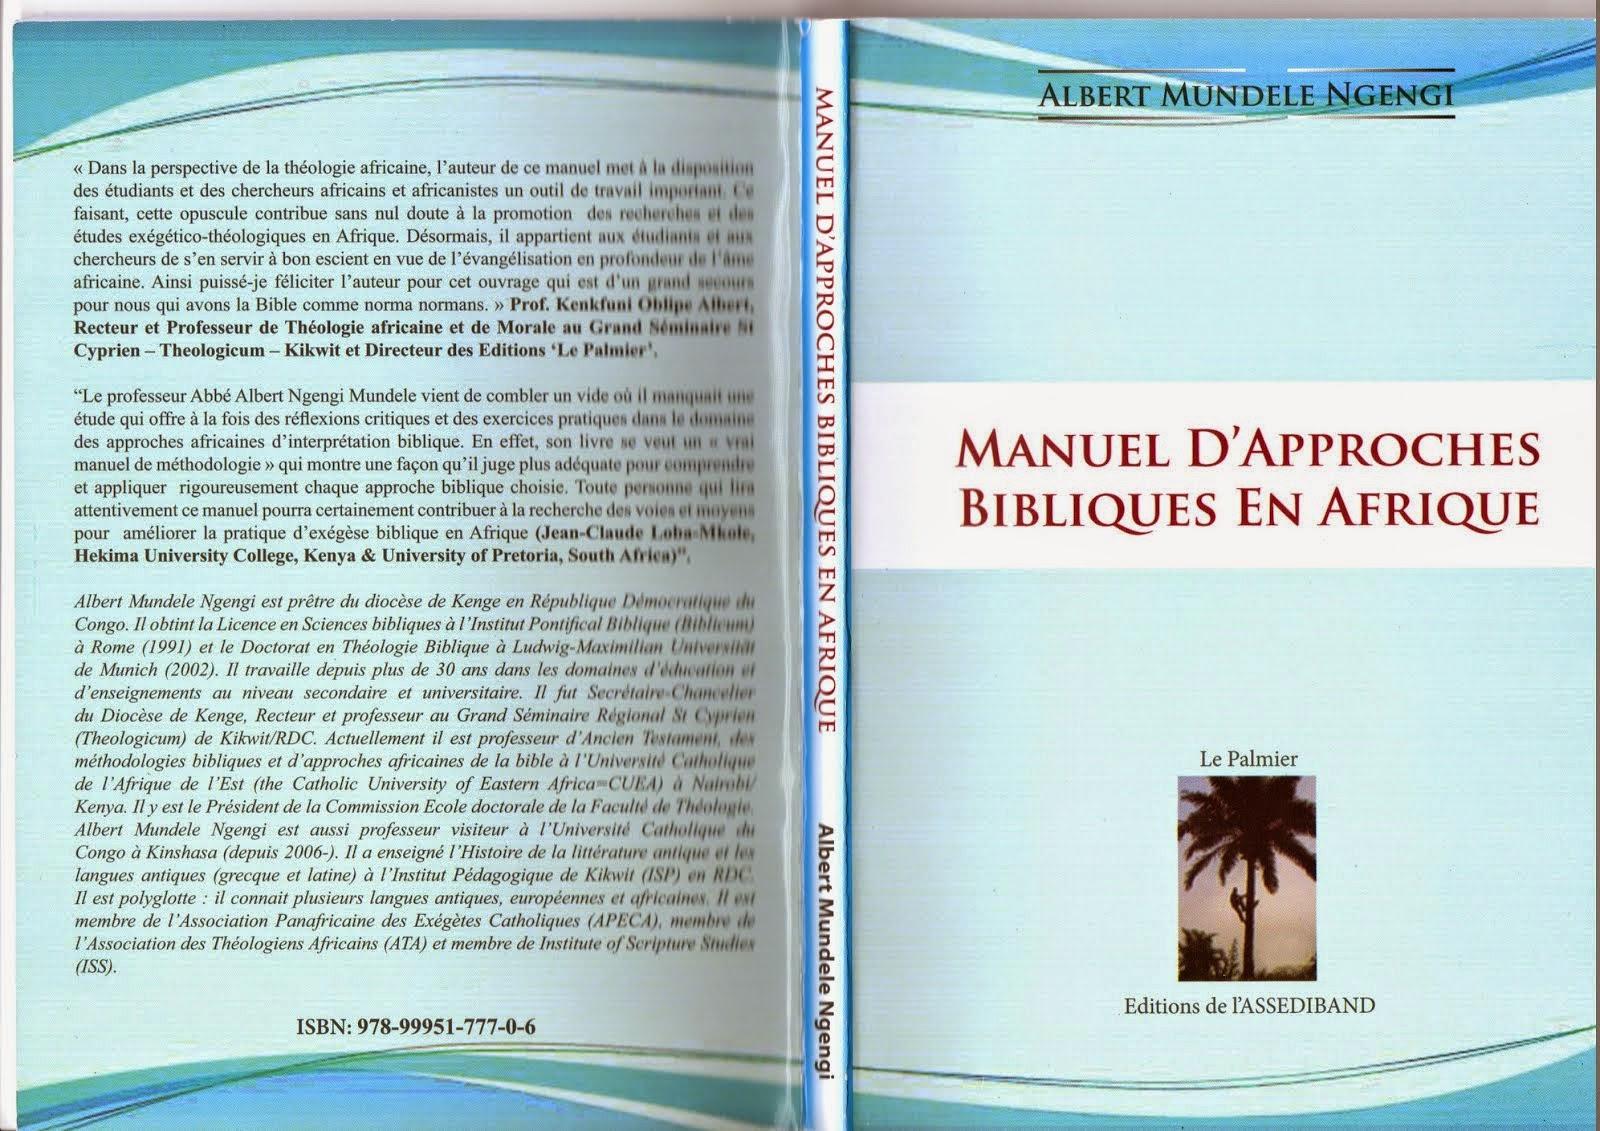 Manuel d´Approches Bibliques en Afrique